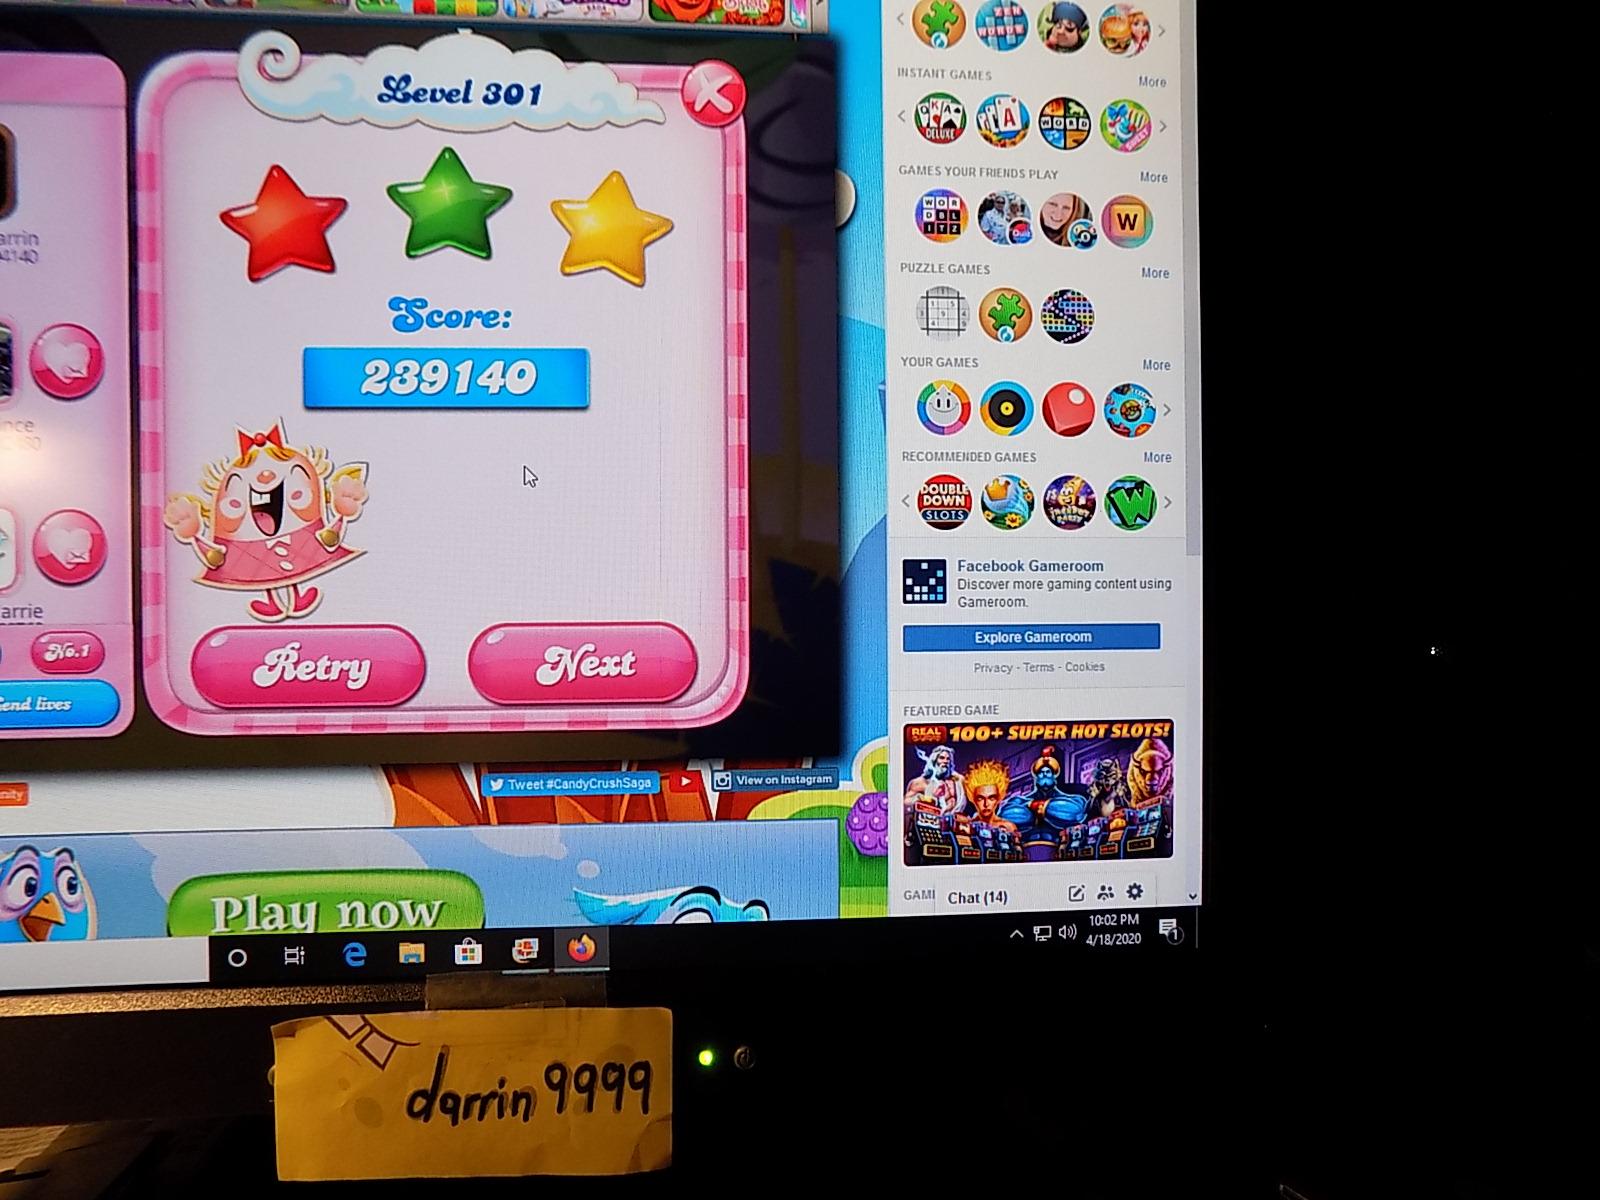 darrin9999: Candy Crush Saga: Level 301 (Web) 239,140 points on 2020-06-23 15:02:45